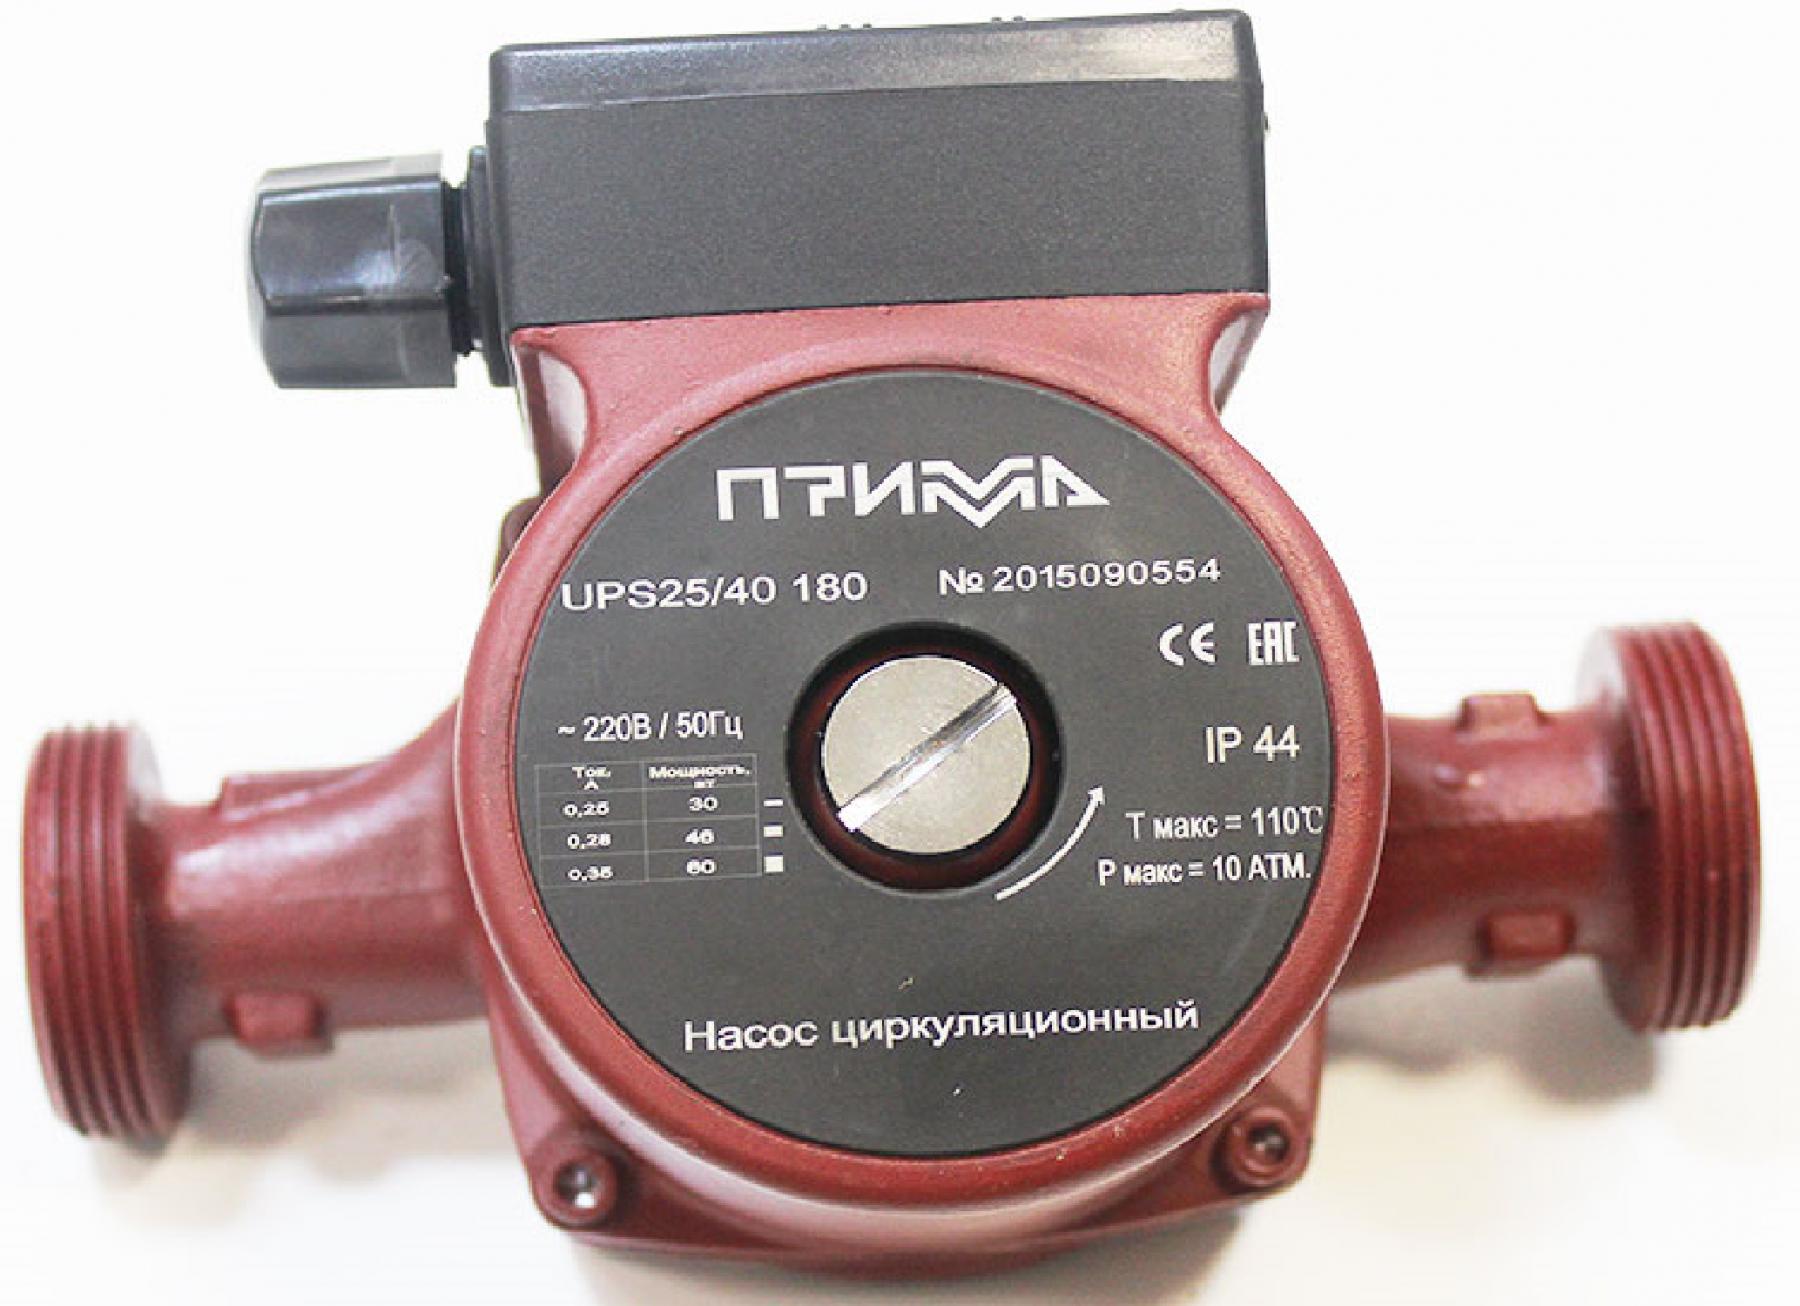 Насос циркуляционный ПРИМА UPS25/40 180